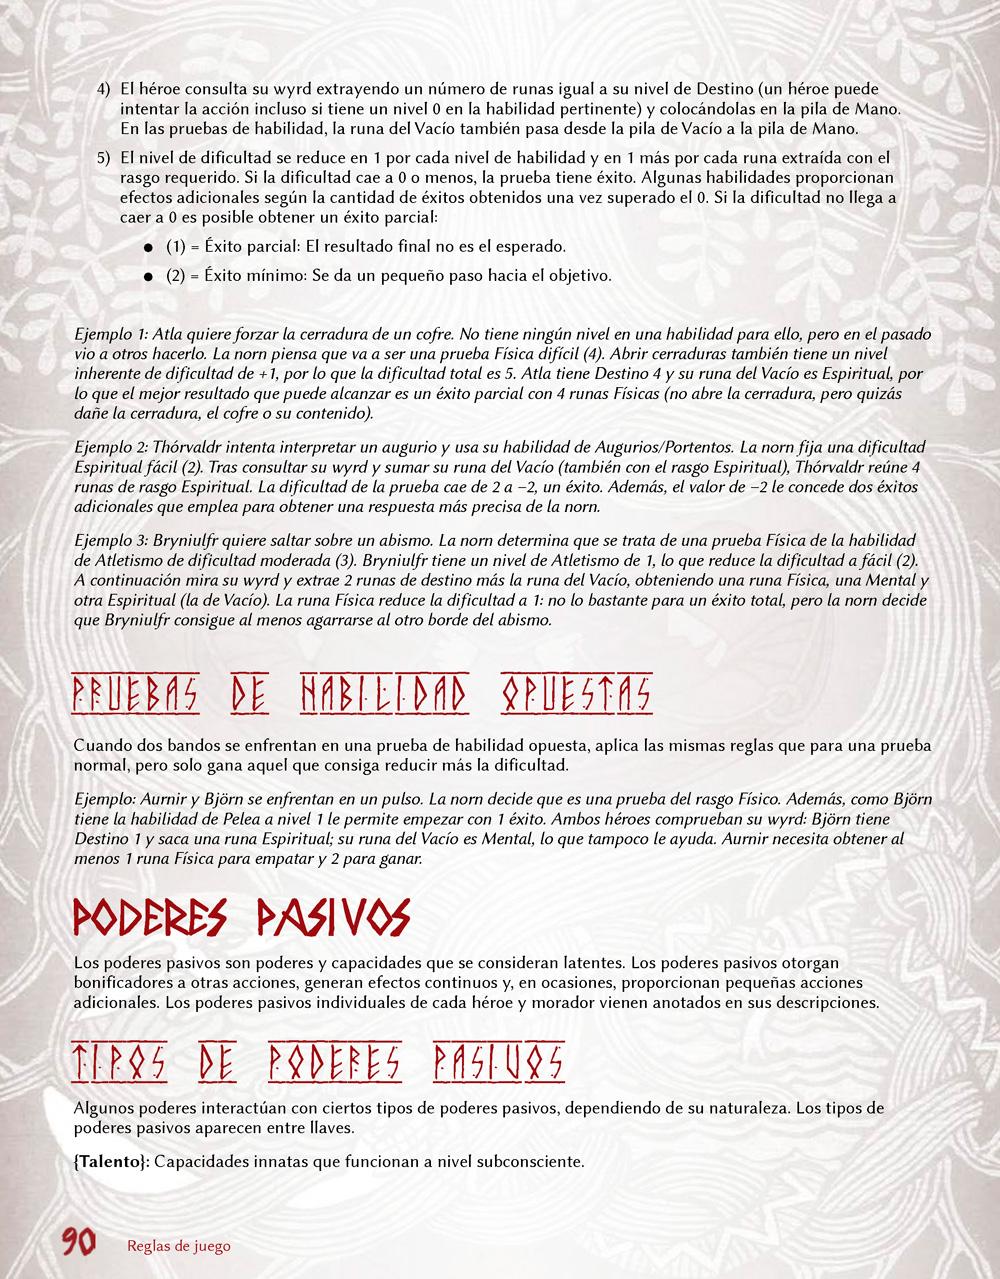 ragnarok---extracto-reglas_Página_11.jp